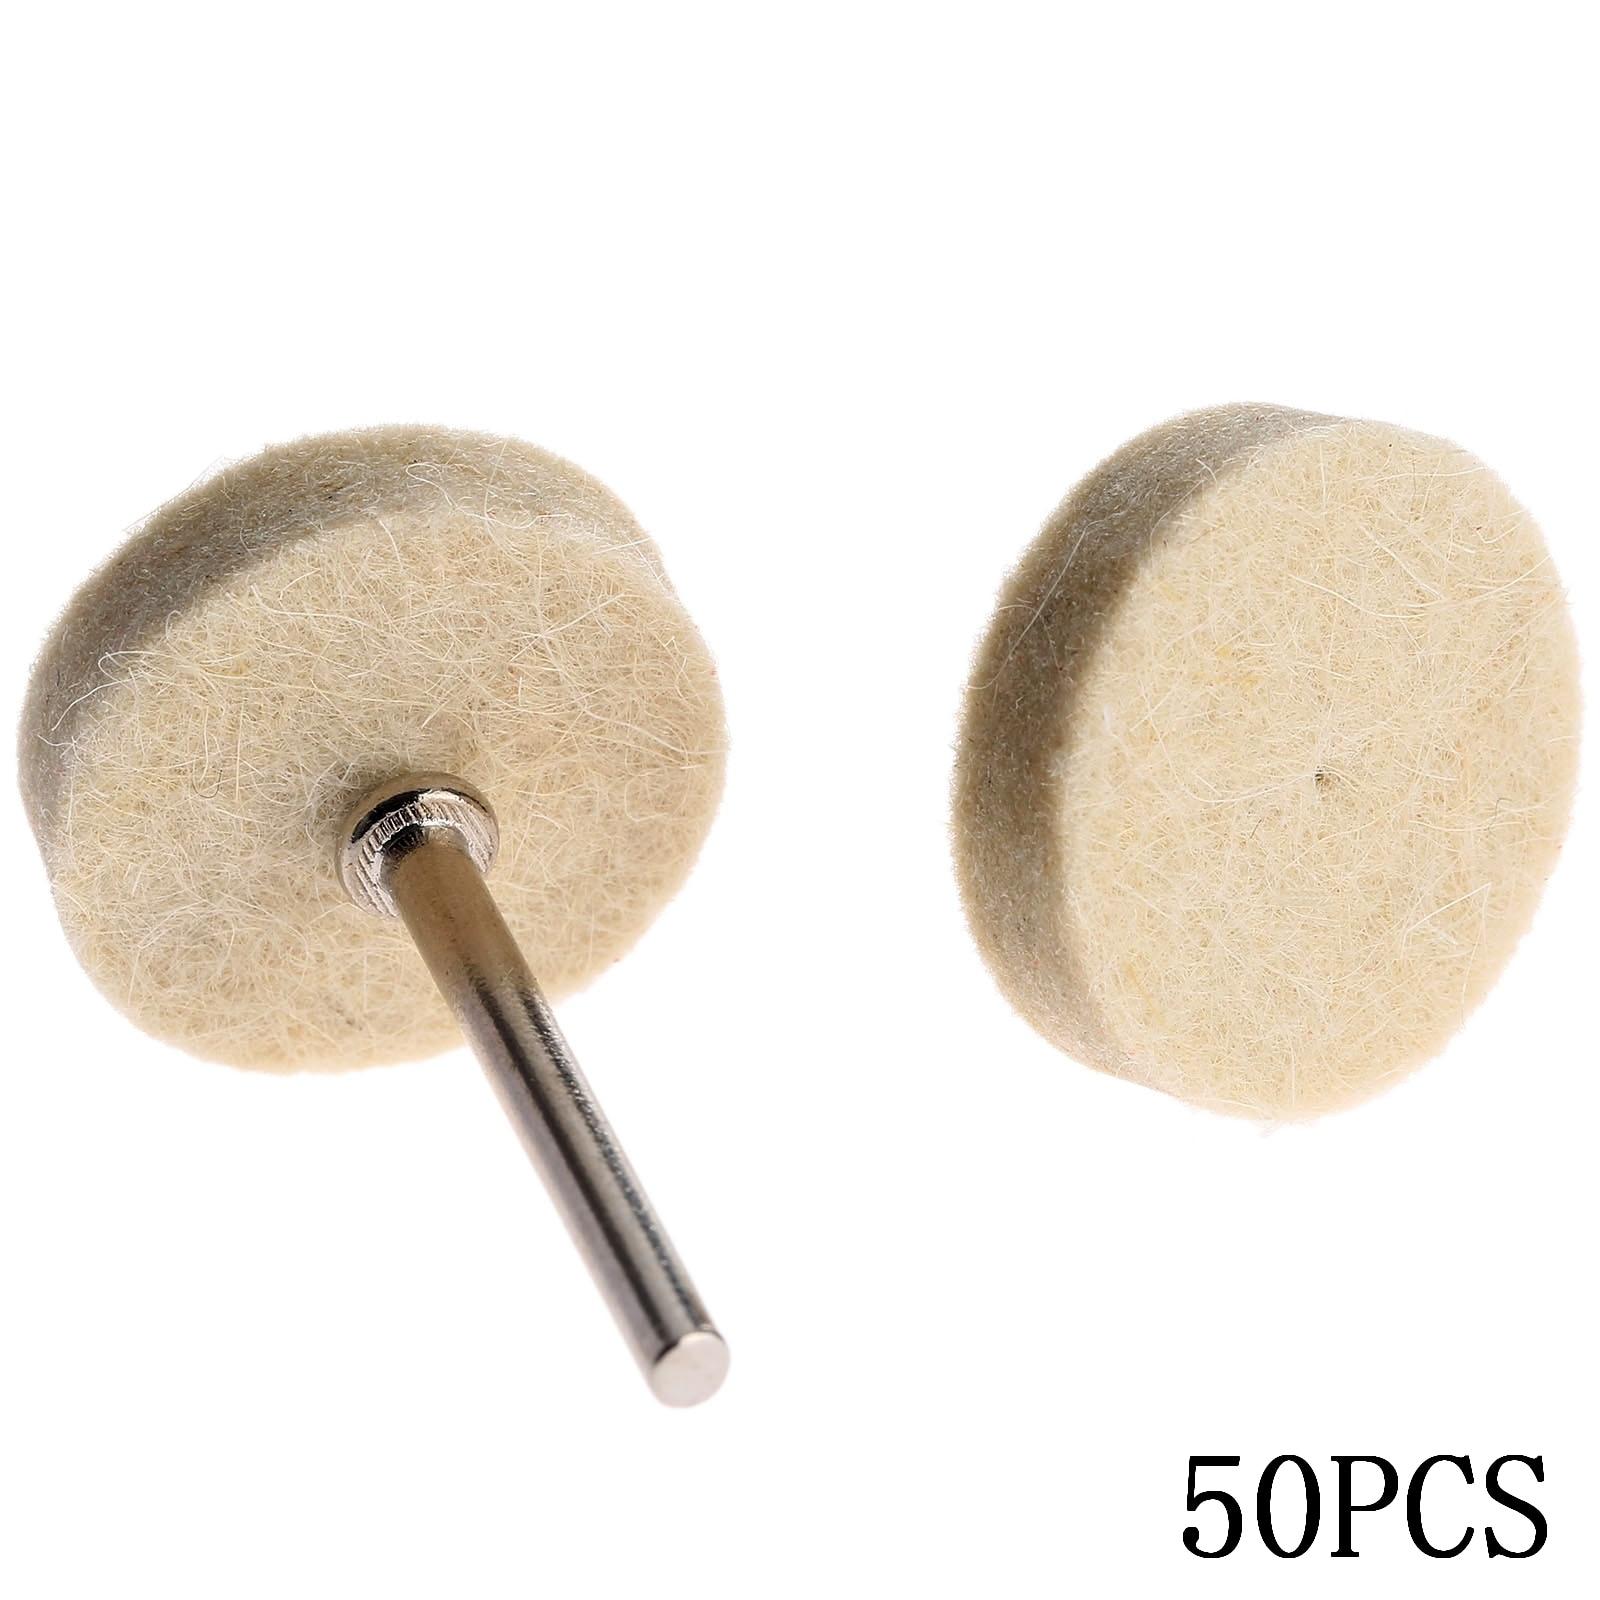 50 db 25 mm-es Dremel tartozékok Gyapjú-nemez polírozó - Csiszolószerszámok - Fénykép 4